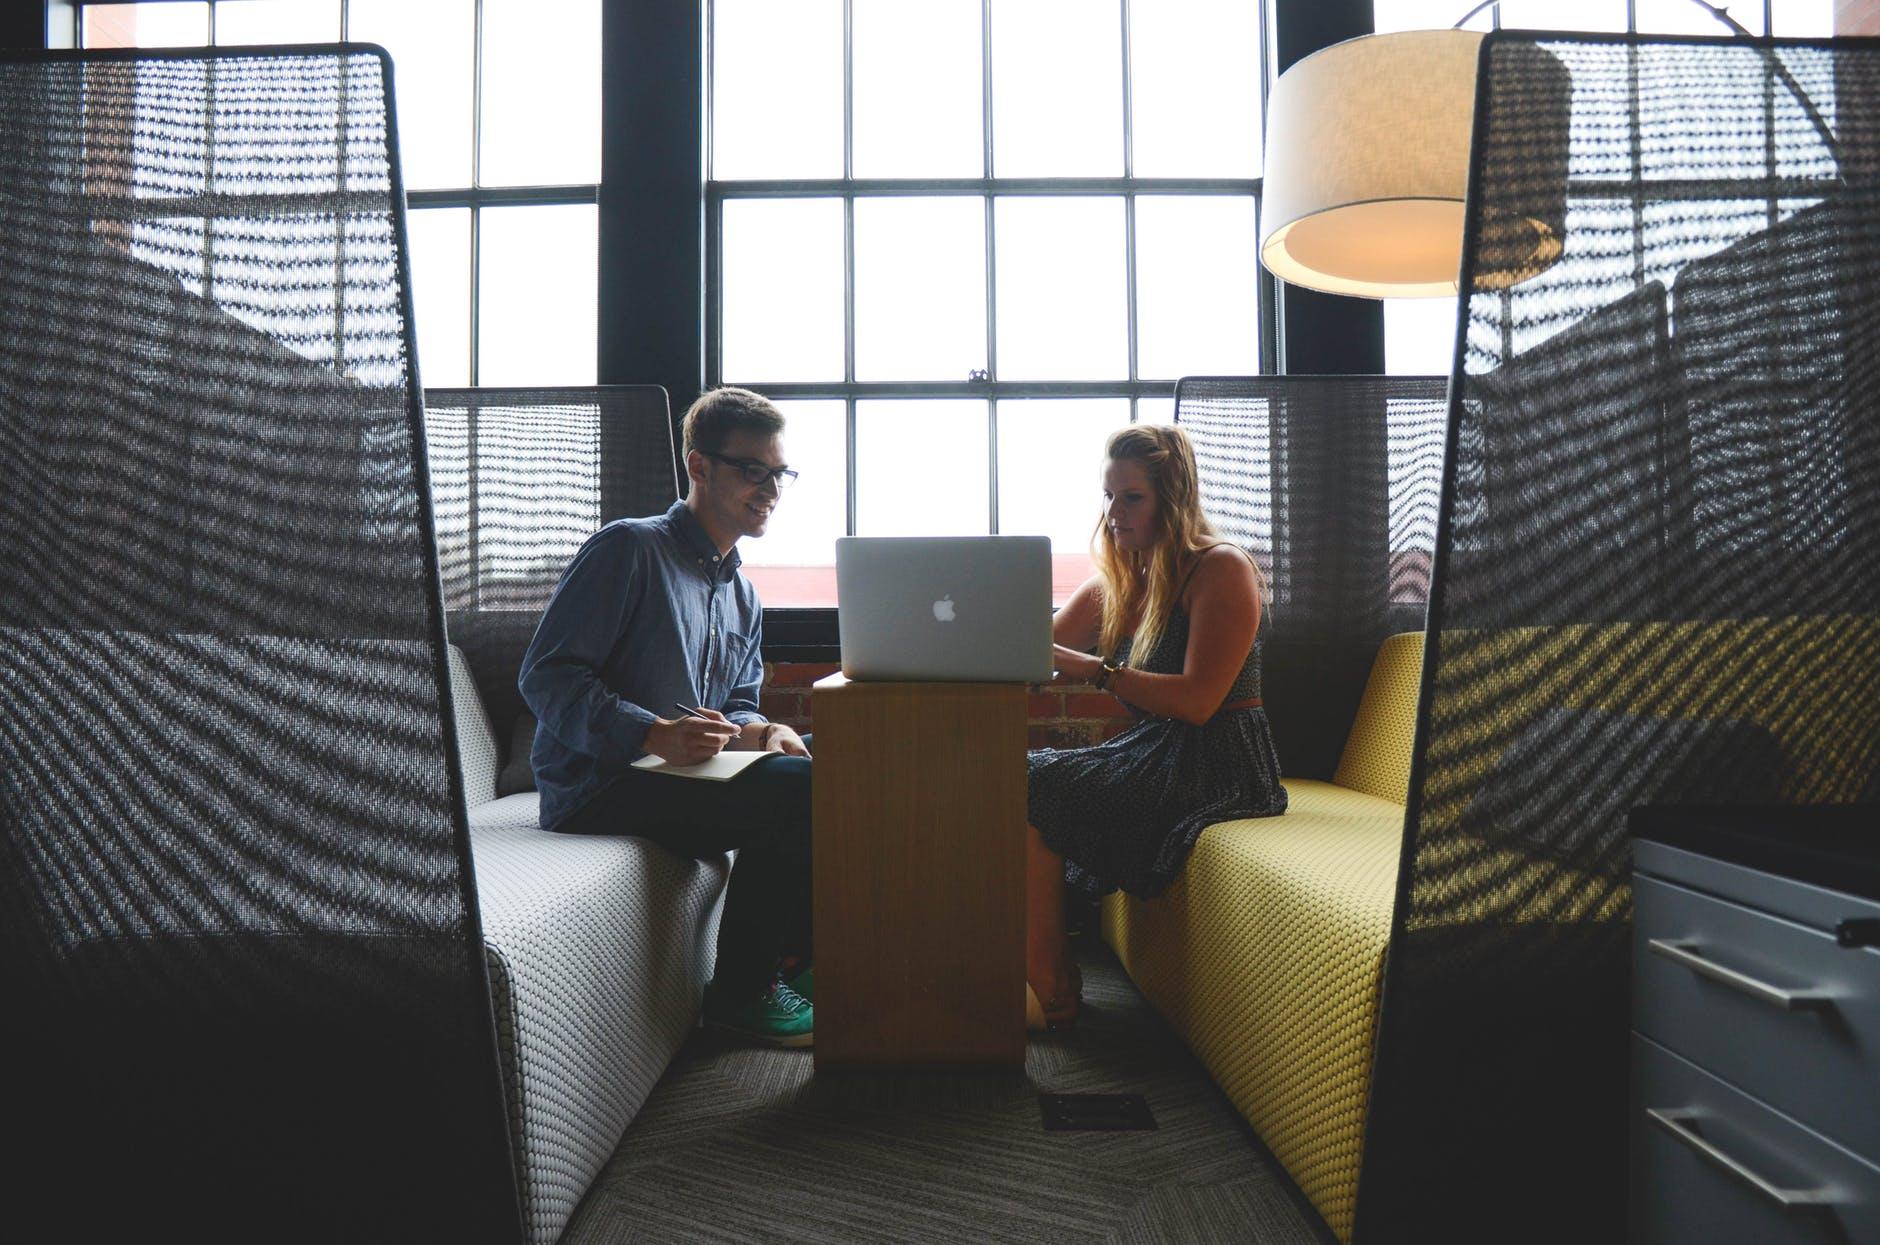 Augant startuolių bendruomenei plečiasi ir jiems skirta erdvė Klaipėdoje